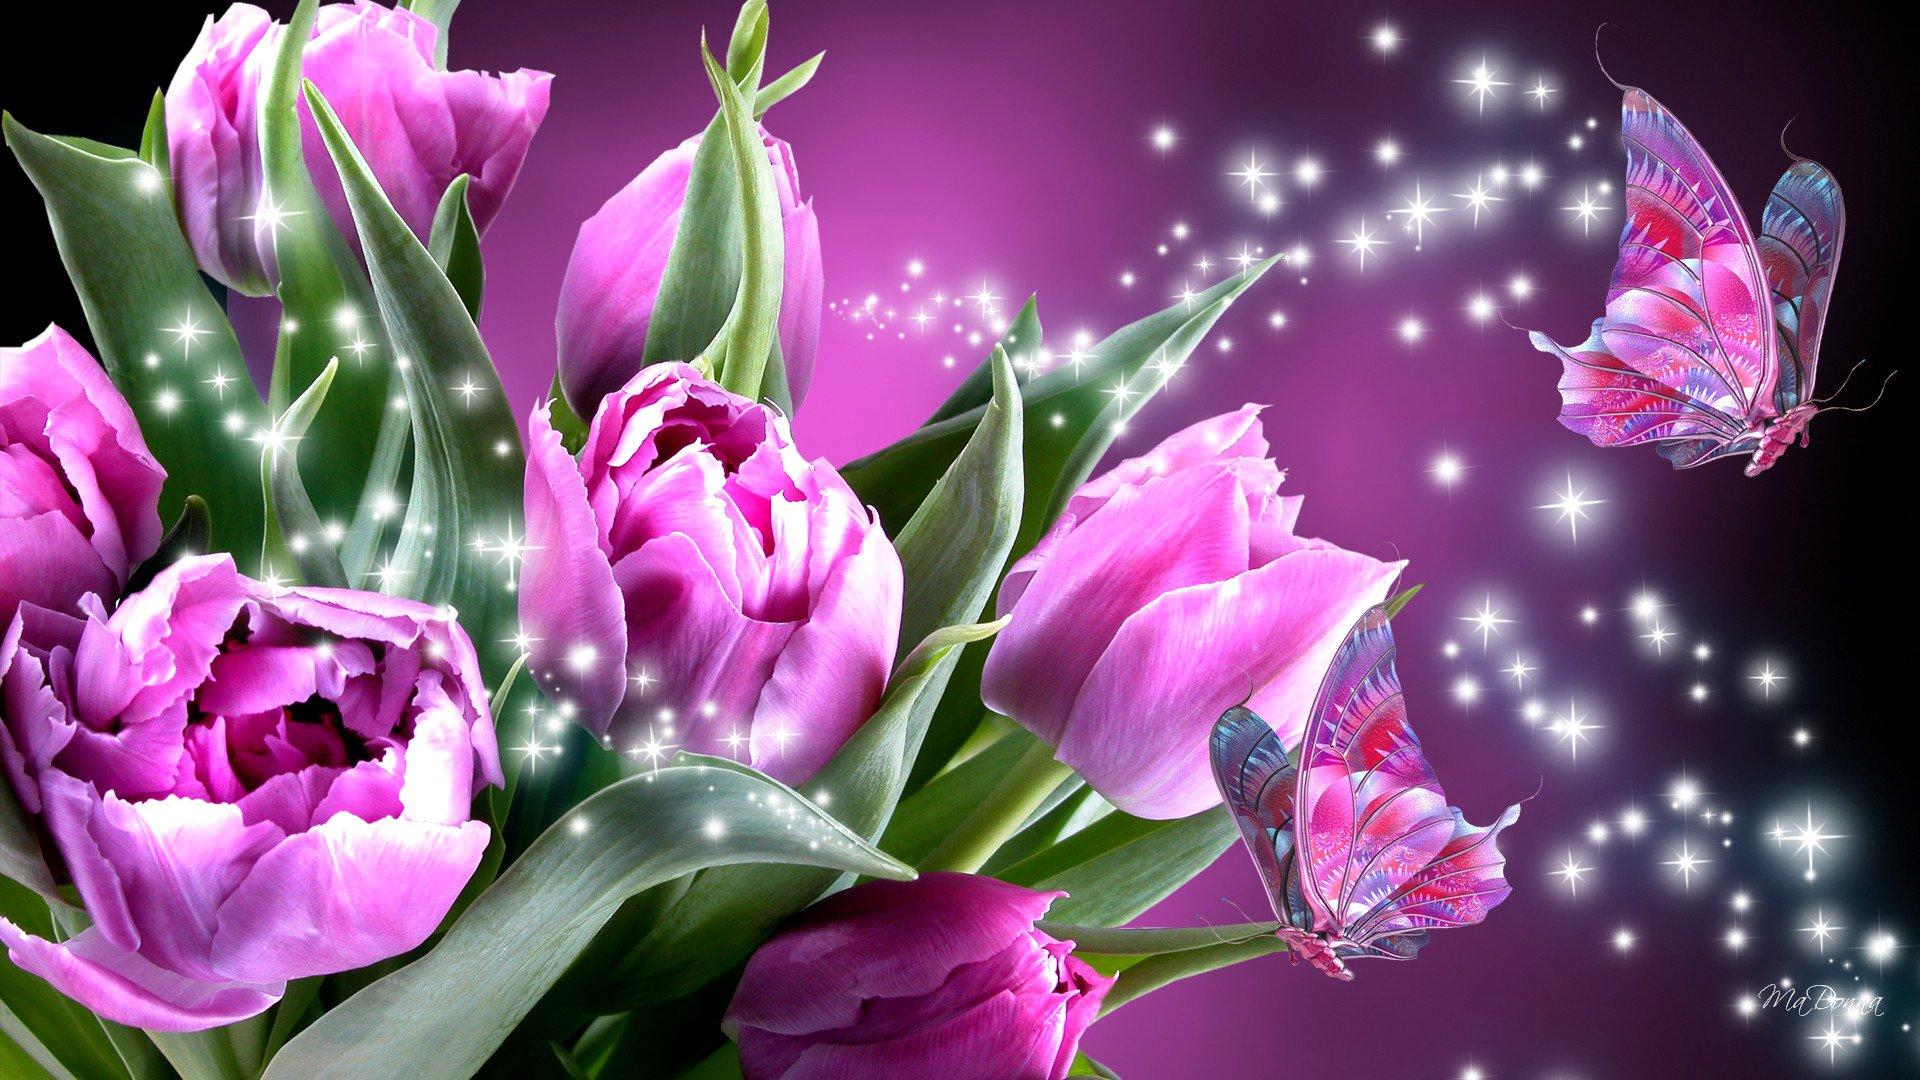 картинки на дисплей телефона цветы пособии представлена